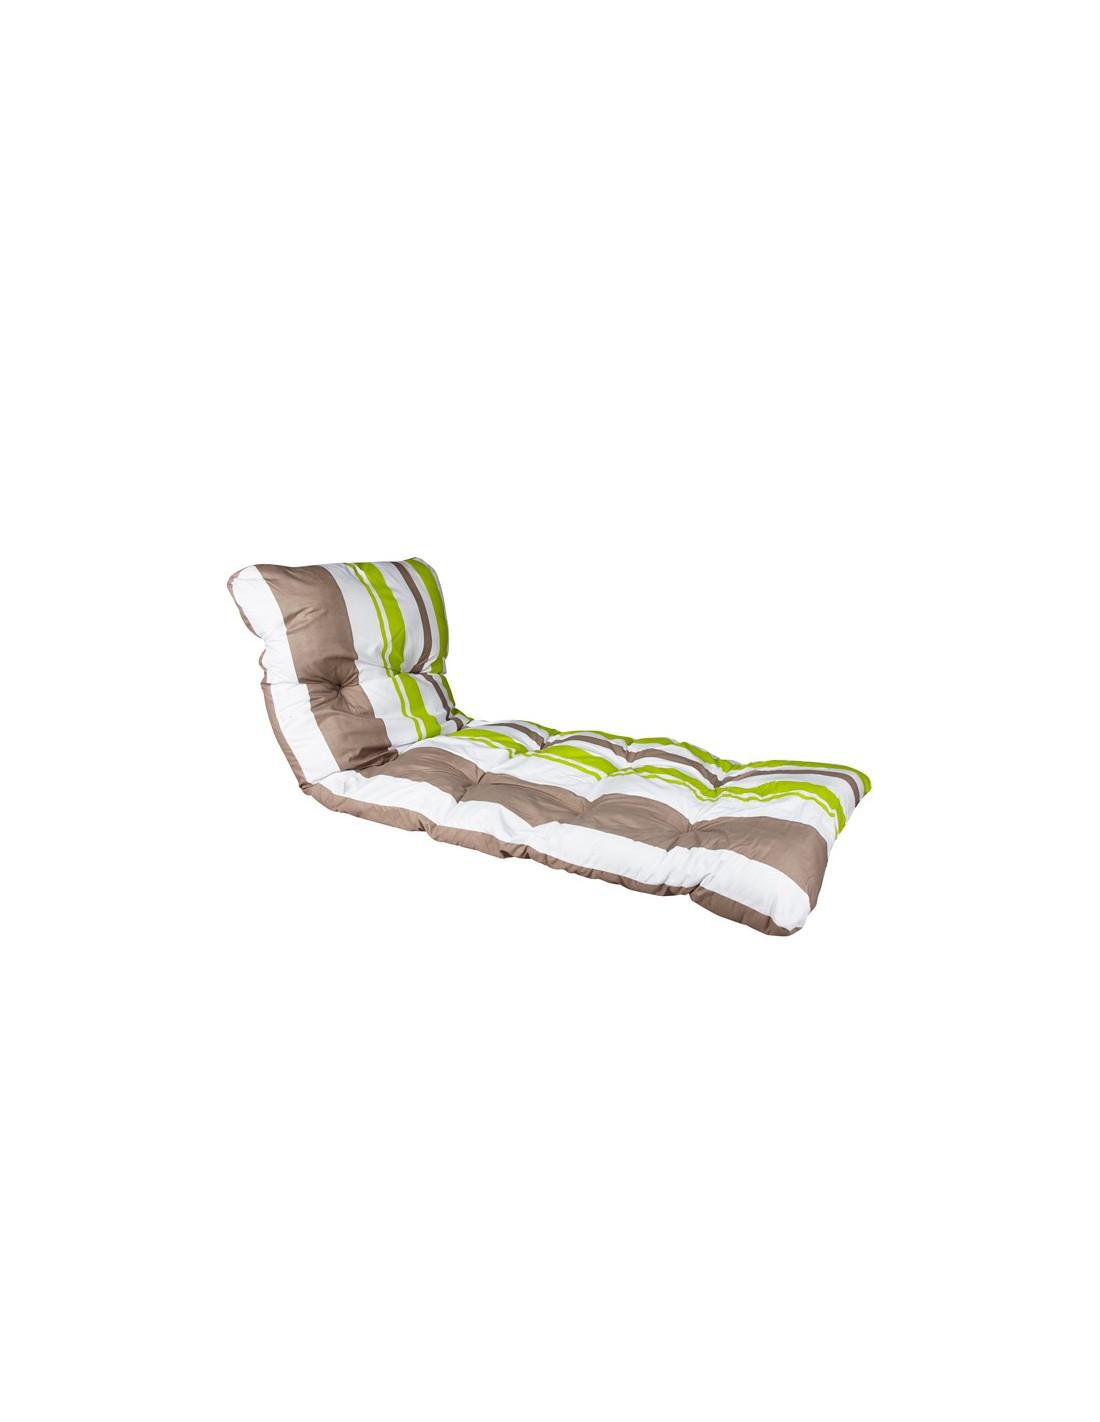 coussin pour bain de soleil vert anis obtenez des id es int ressantes pour vos. Black Bedroom Furniture Sets. Home Design Ideas